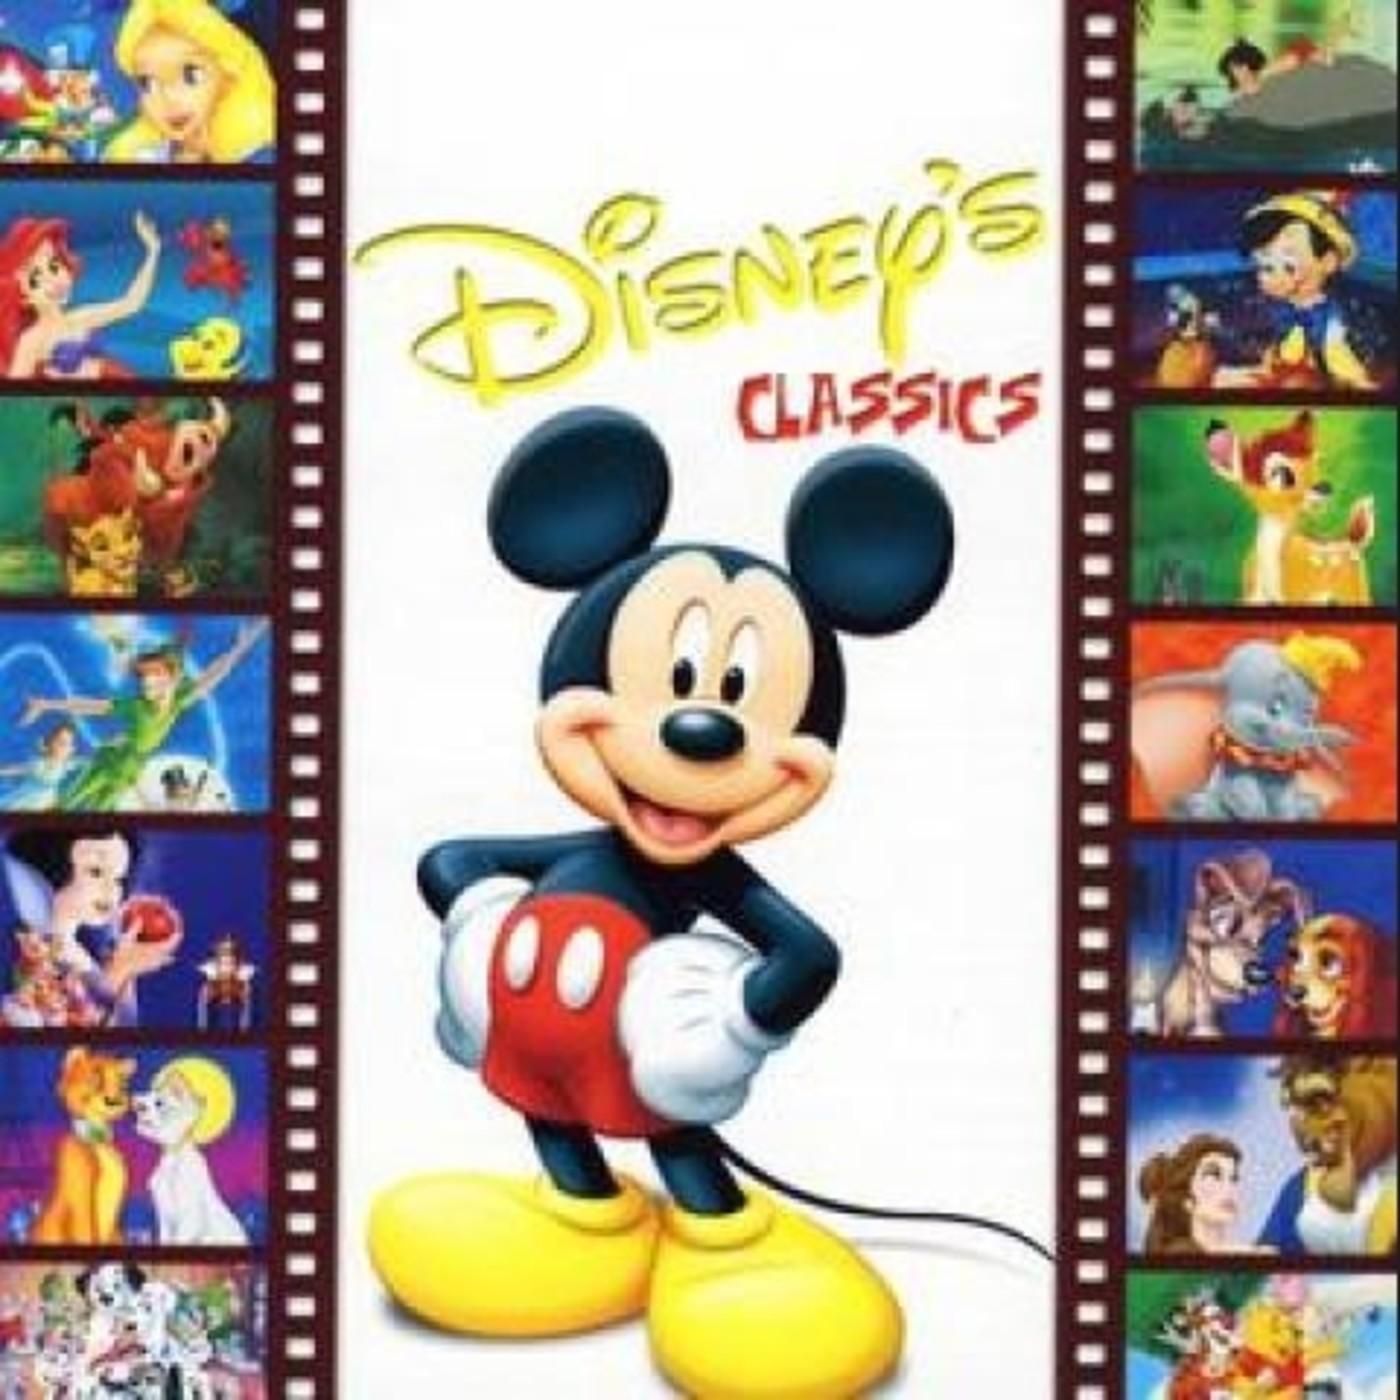 Cuentos Disney - El Rey Leon